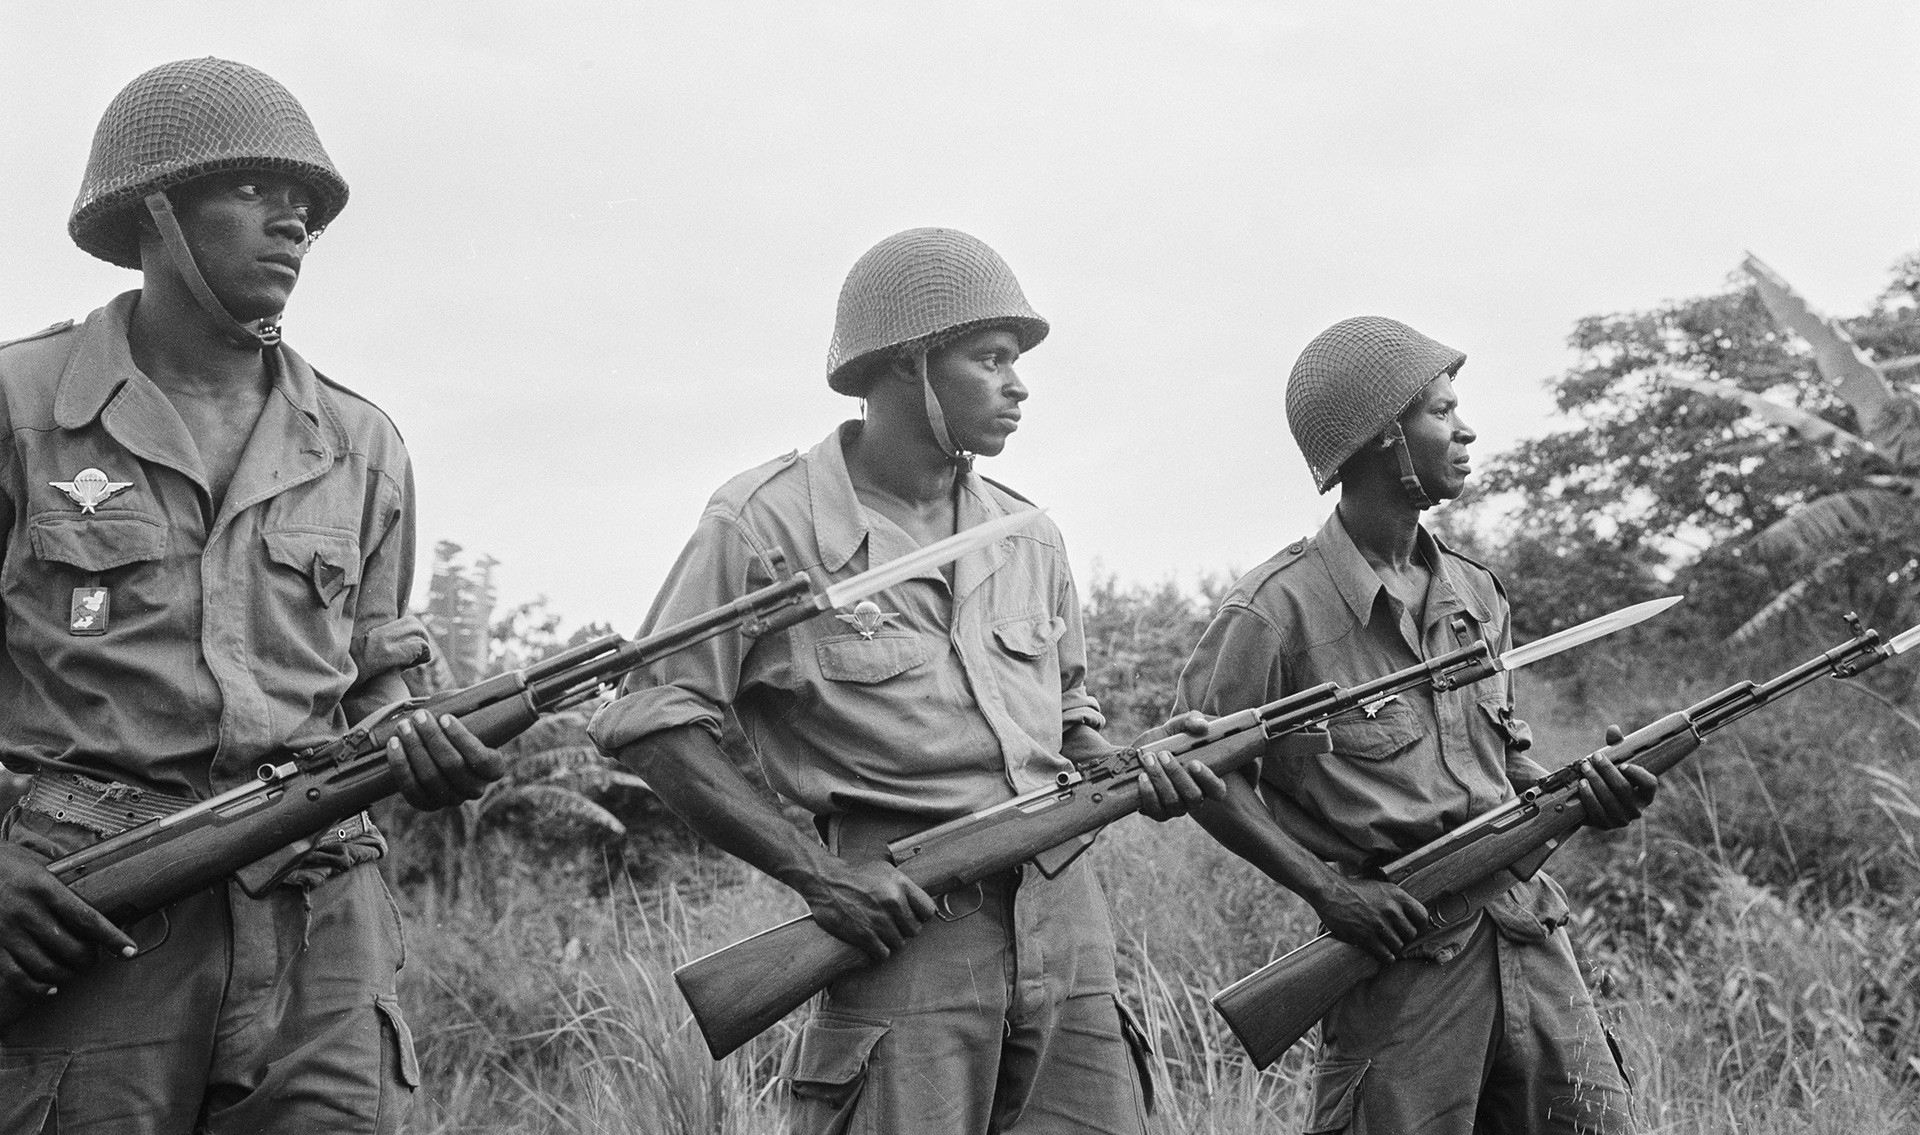 Vojnici narodne vojske Republike Kongo.